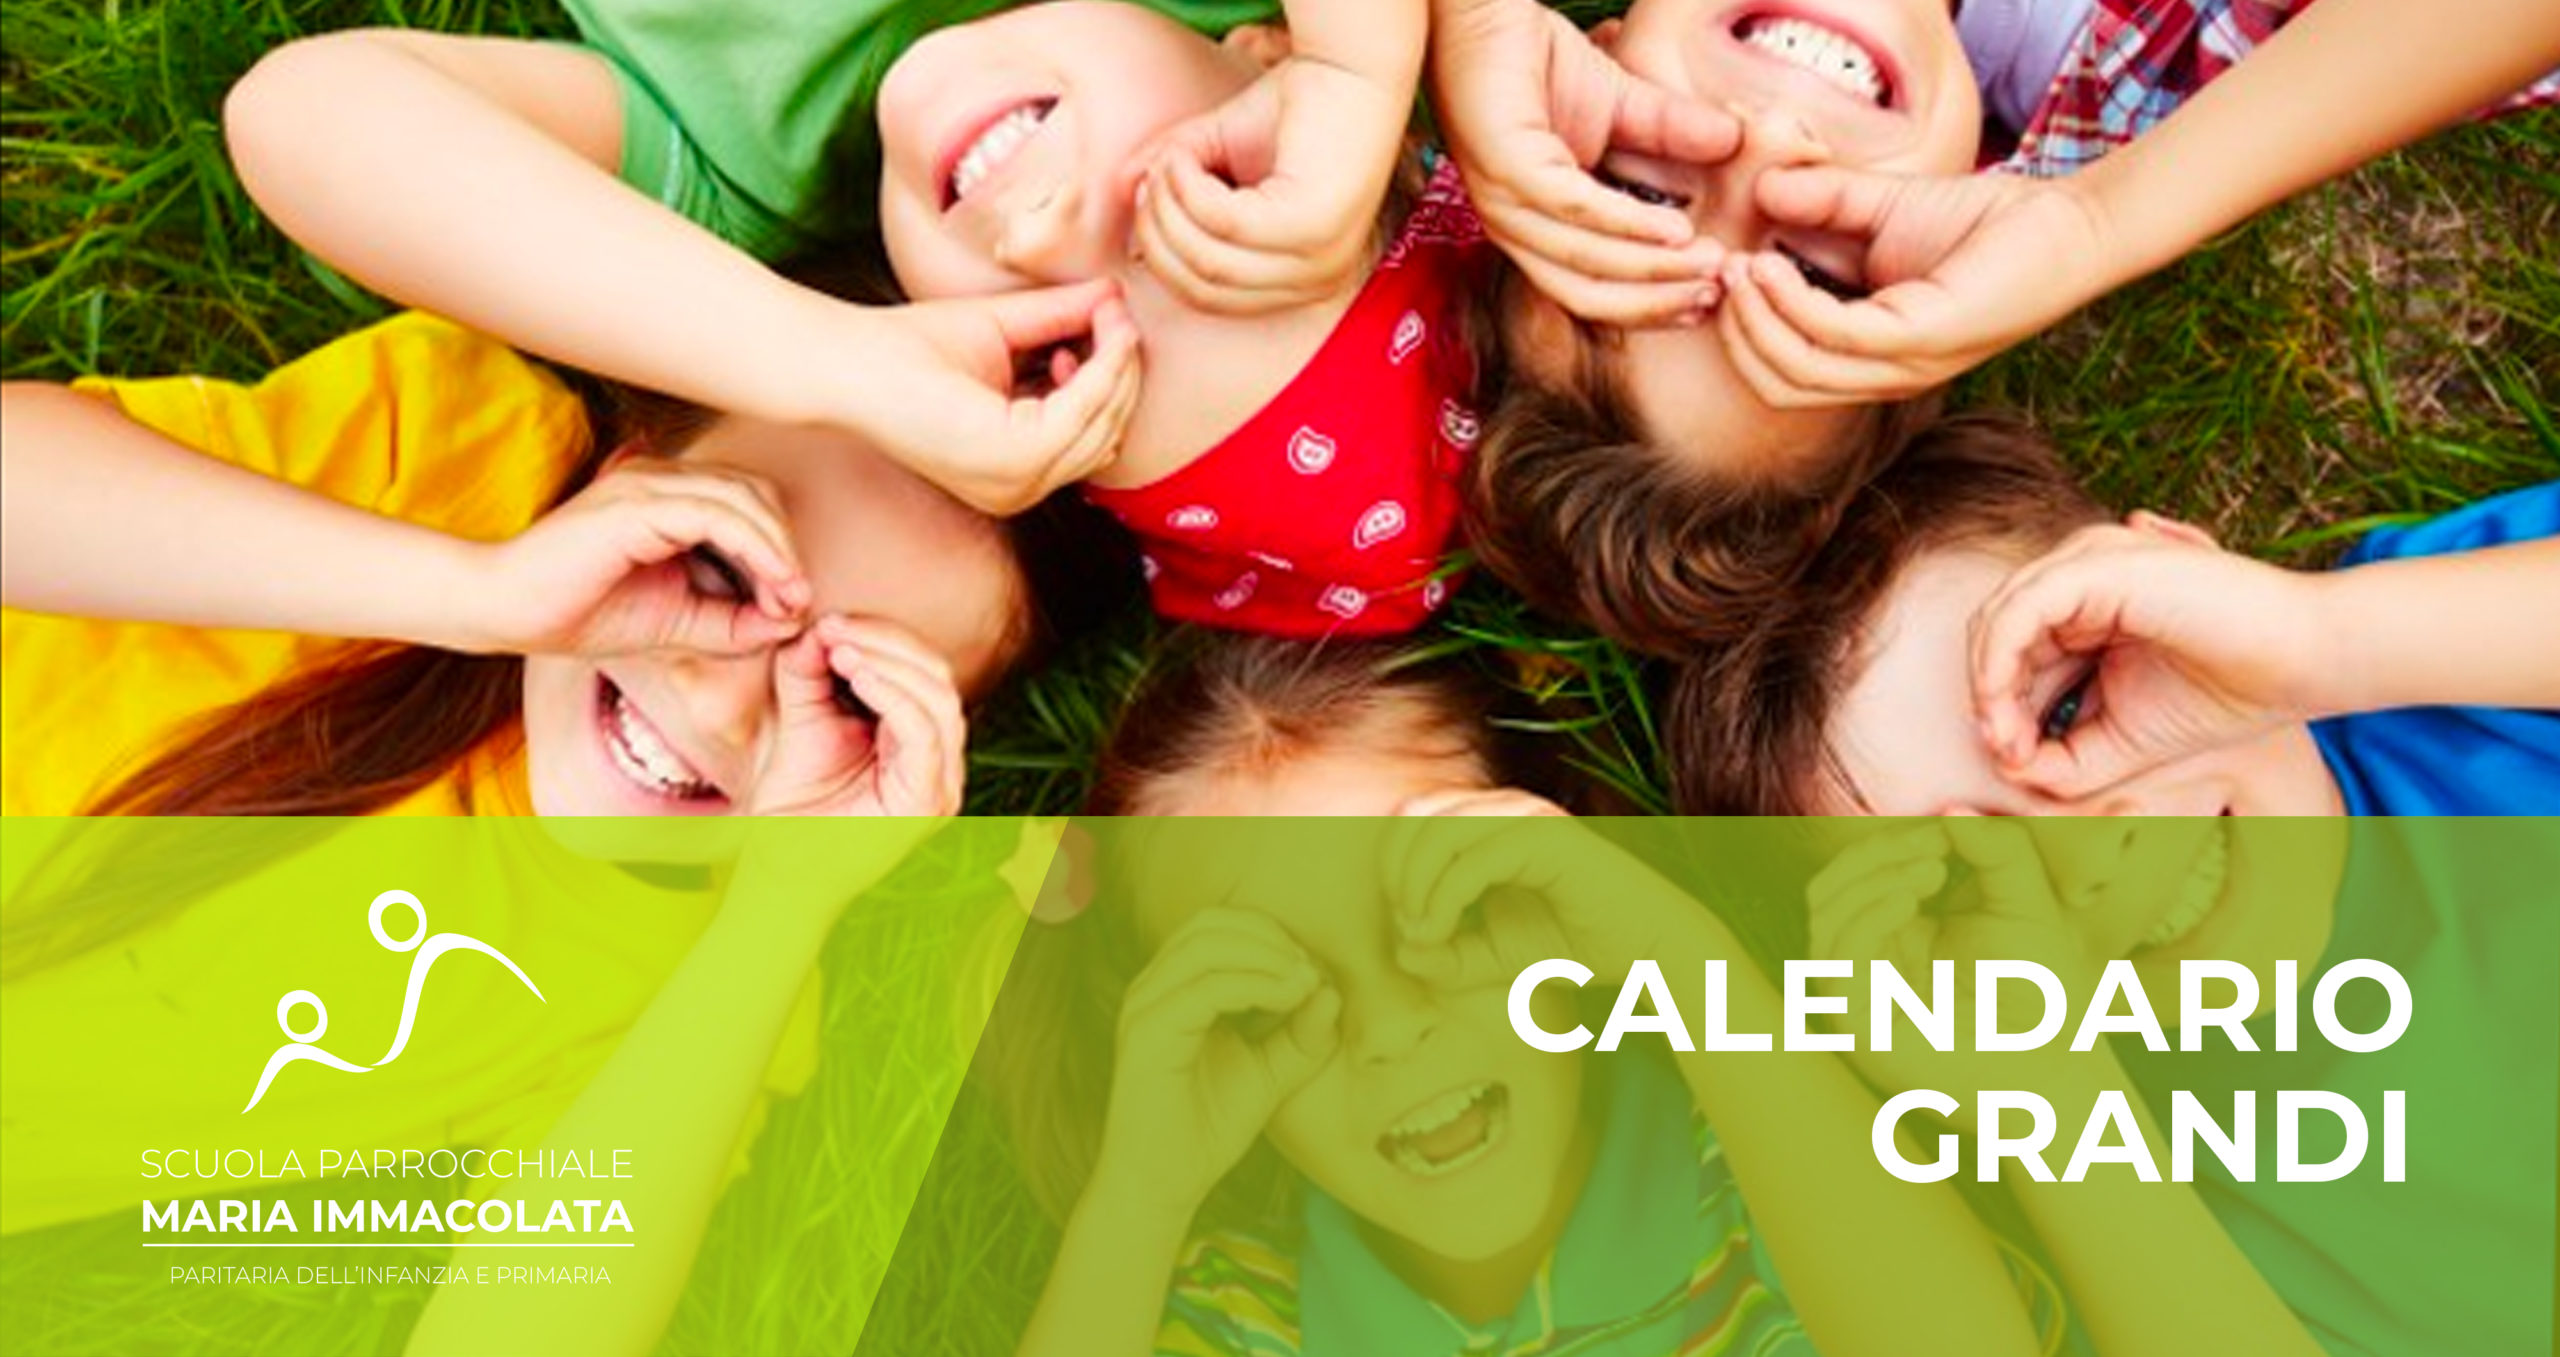 Calendario attività grandi (terzo anno)